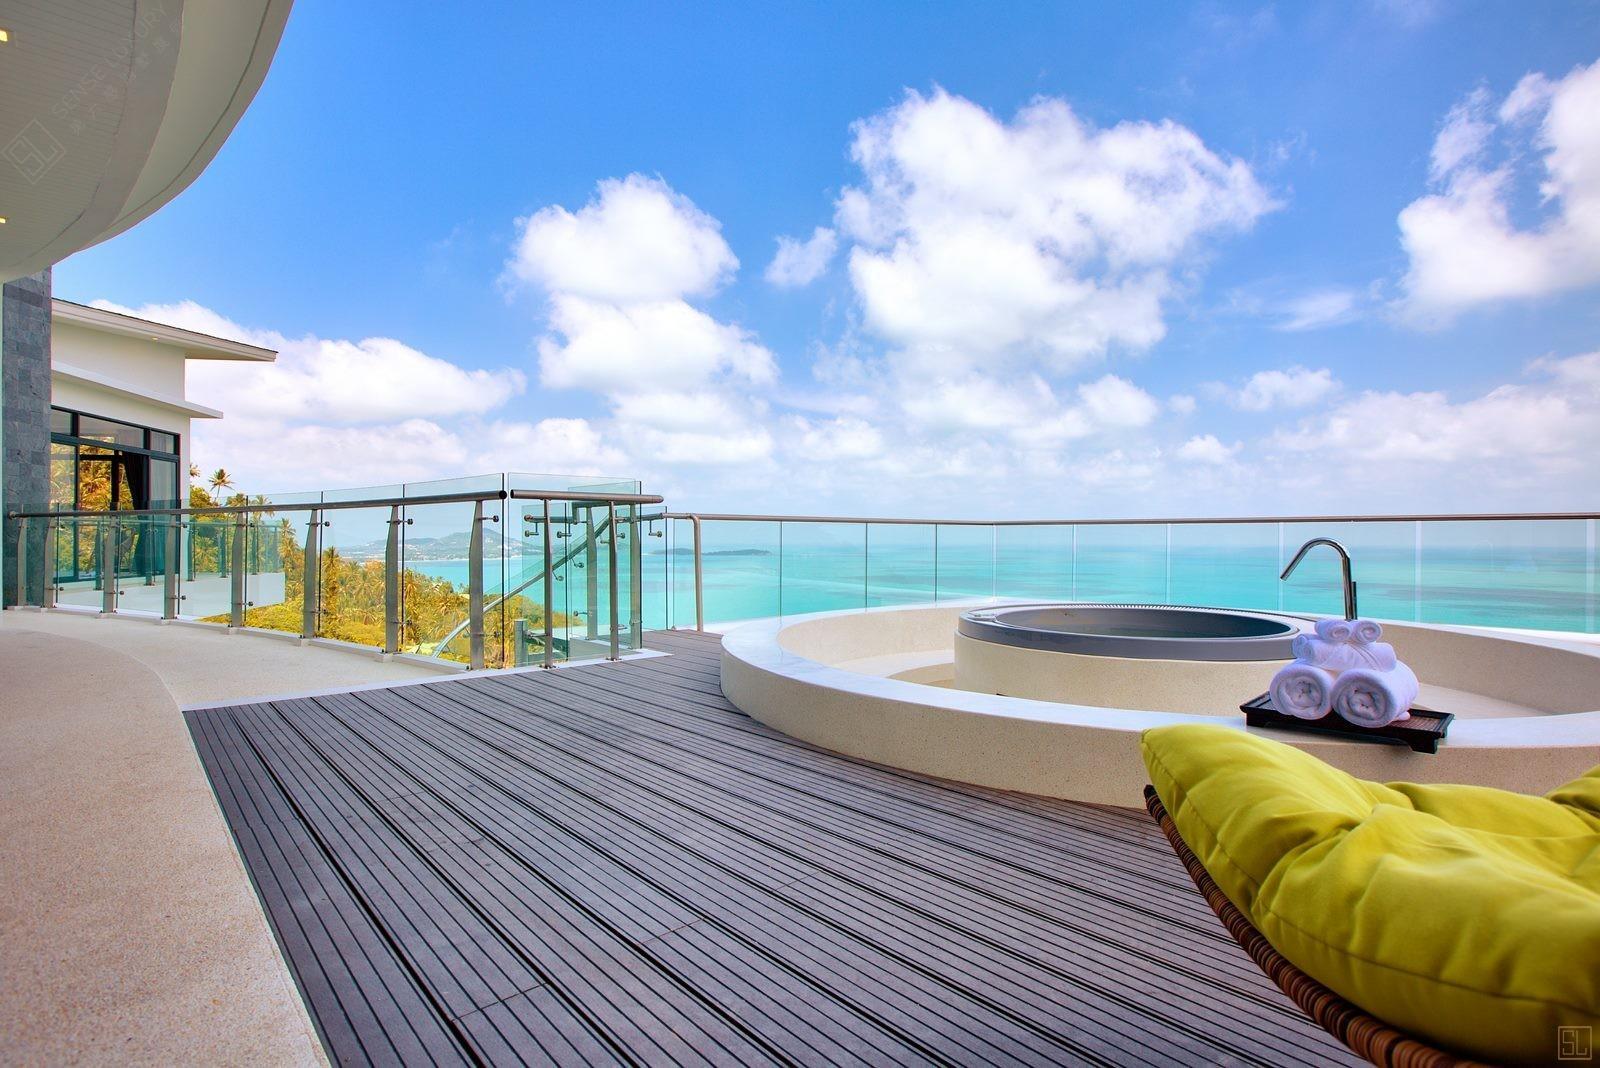 泰国苏梅岛萨瓦蒂别墅阳台